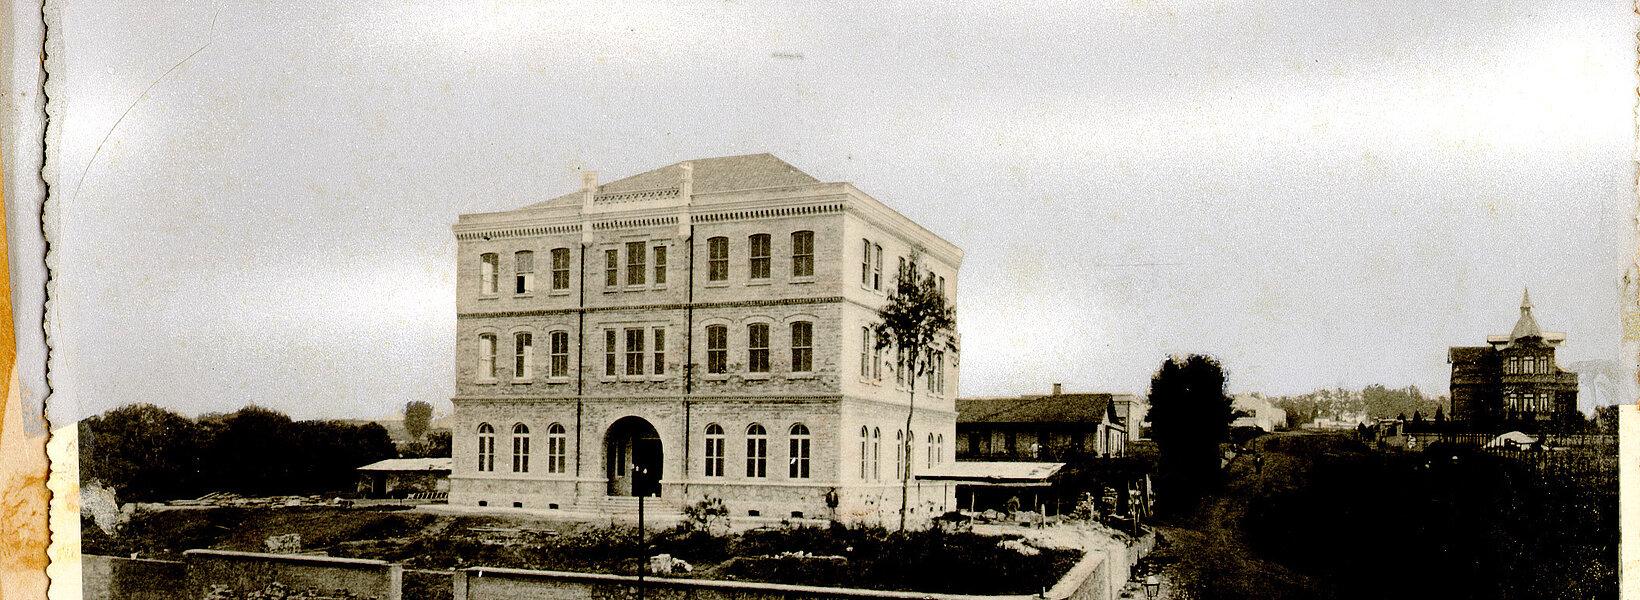 Primeiro prédio Chácara Lane - centro Histórico Mackenzie